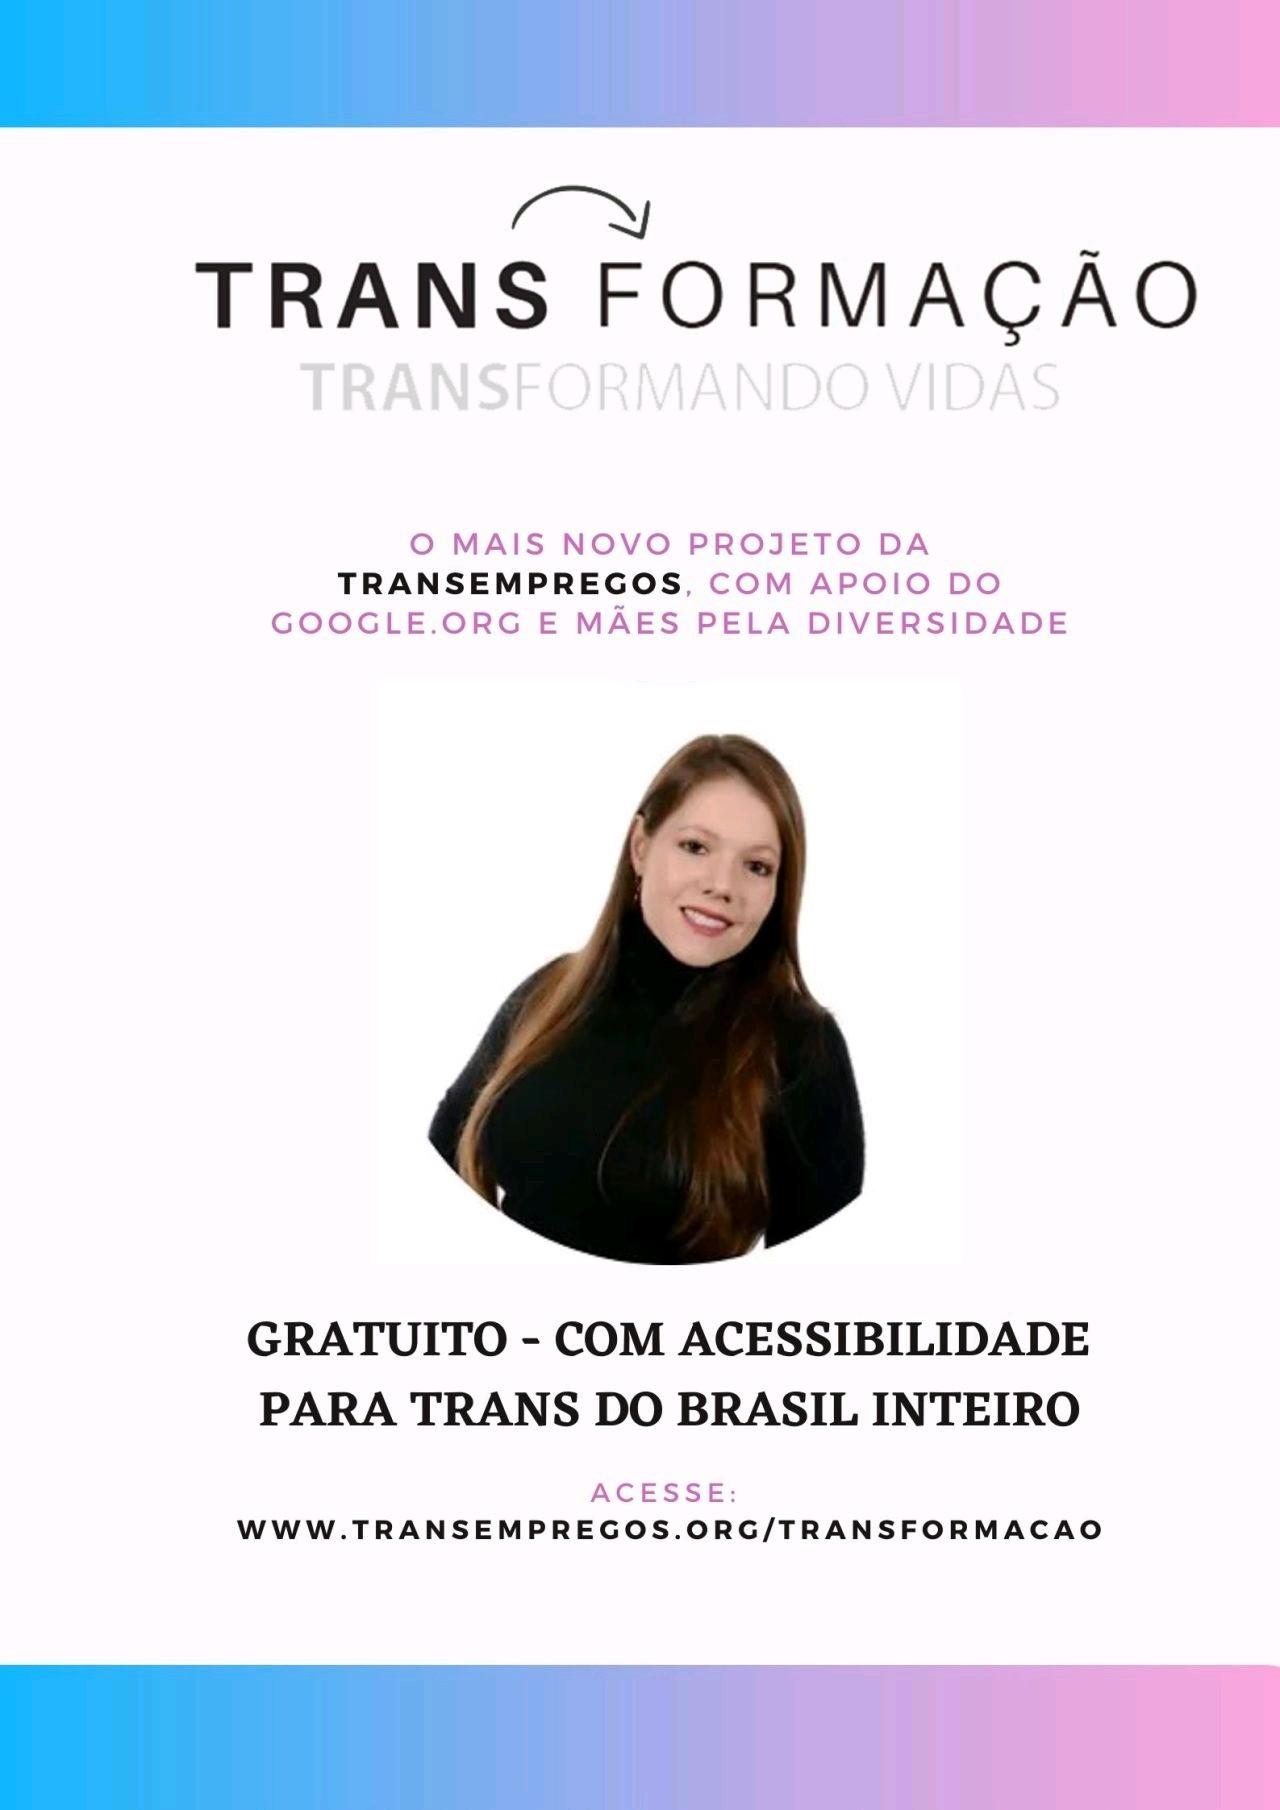 TRANS-formação é o curso GRATUITO para pessoas trans do Brasil inteiro, organizado pela TransEmpregos – com aulas especiais, com total acessibilidade e certificação, para sua capacitação em parceria com o Google.org e Mães pela Diversidade.